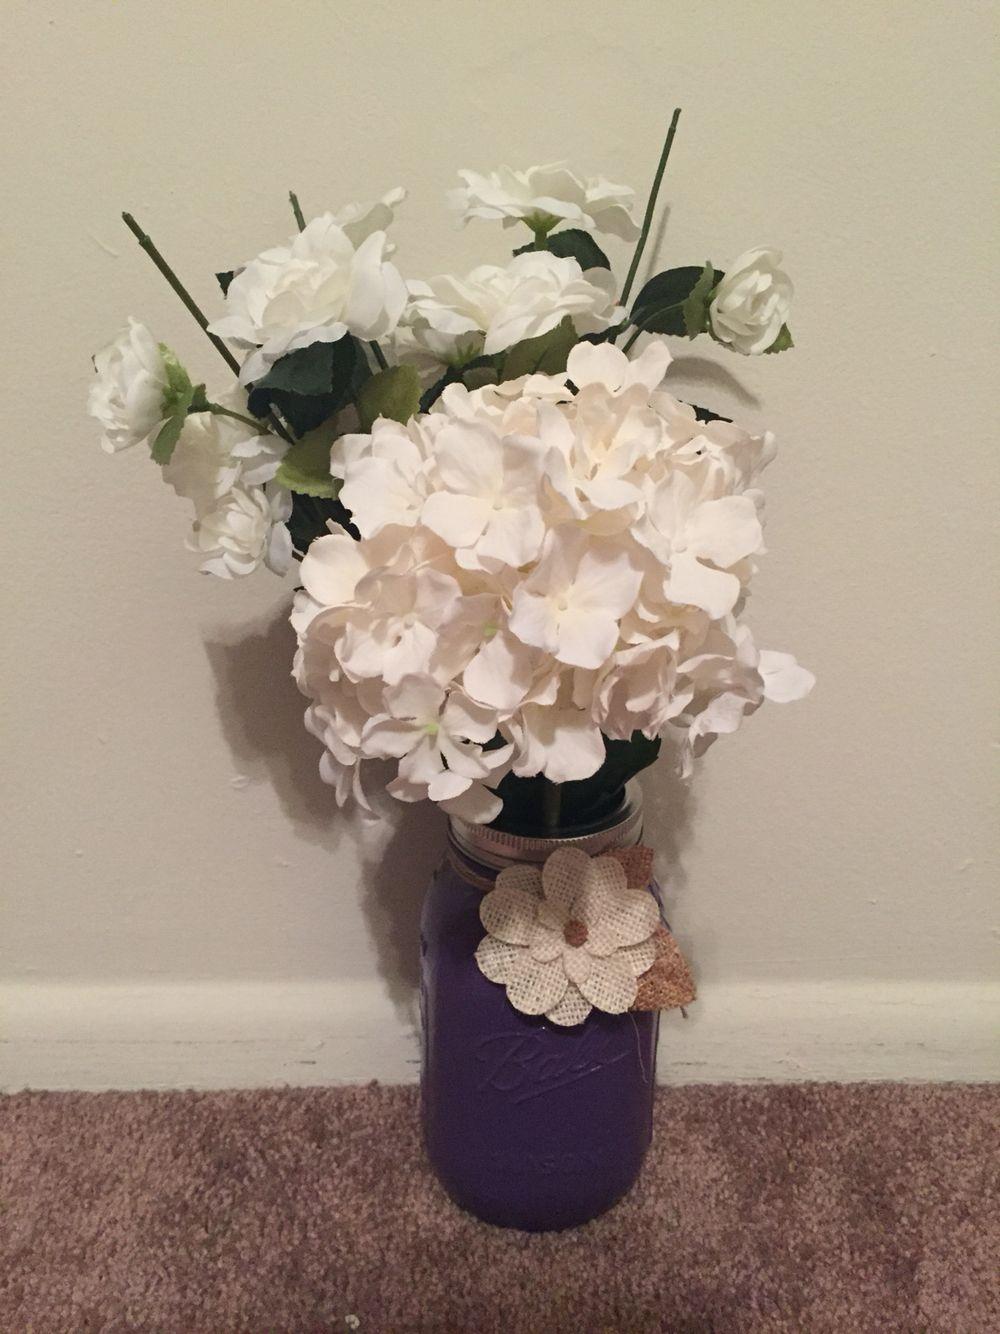 Mason Jar Flower Vase Pinterest on pinterest tin can vases, pinterest crafts vases, fall mason jar vases,